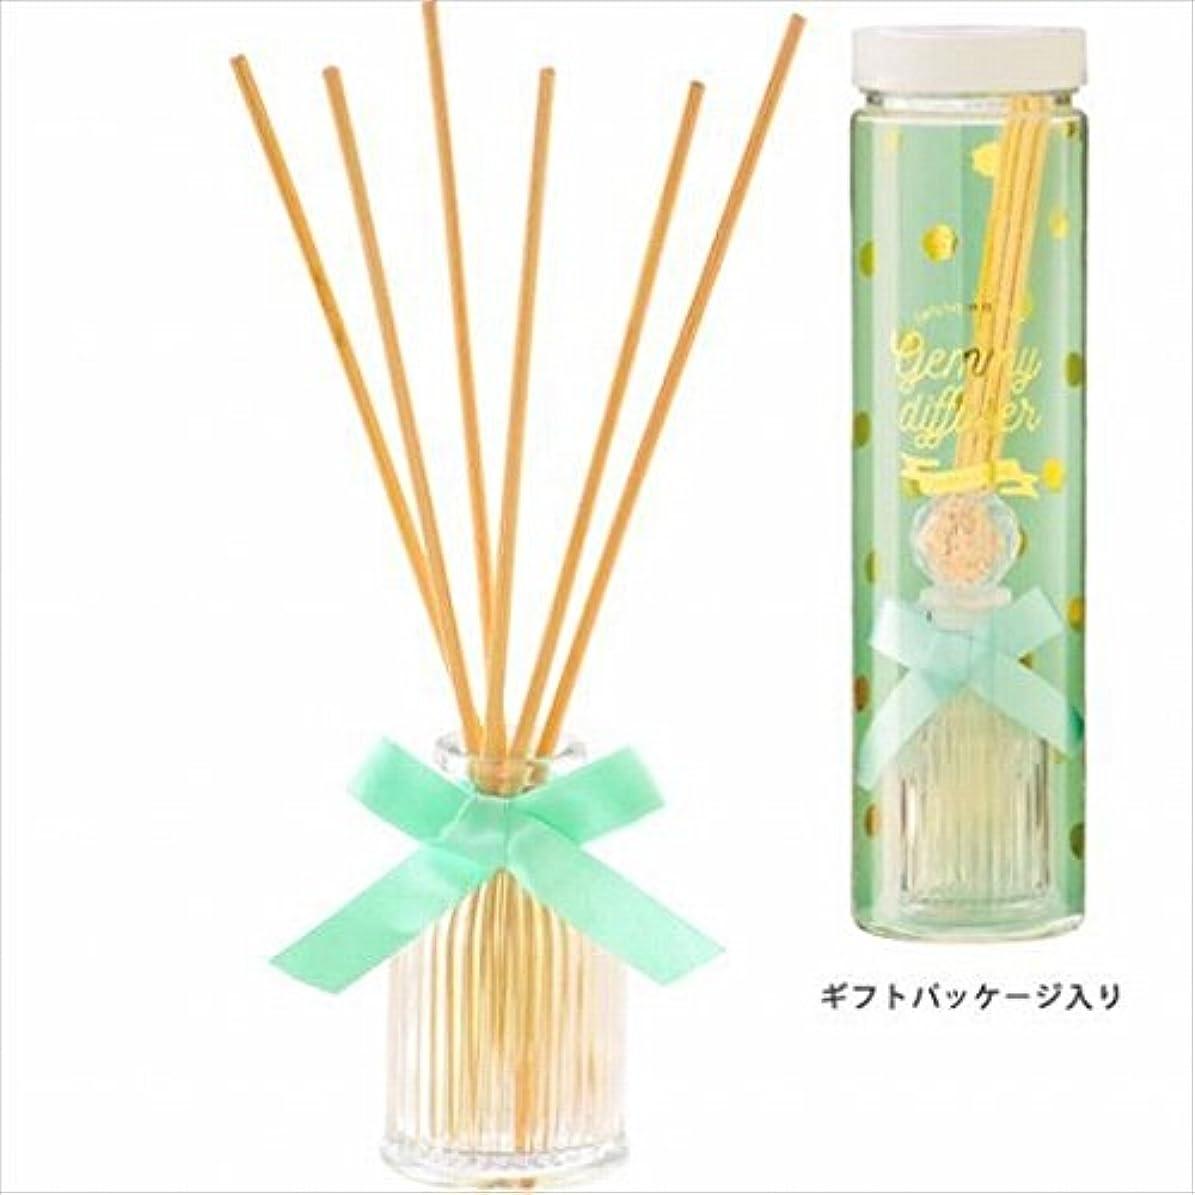 息子一次敵対的kameyama candle(カメヤマキャンドル) GEMMY (ジェミー) ディフューザー 「 タイム 」6個セット(E3280510)